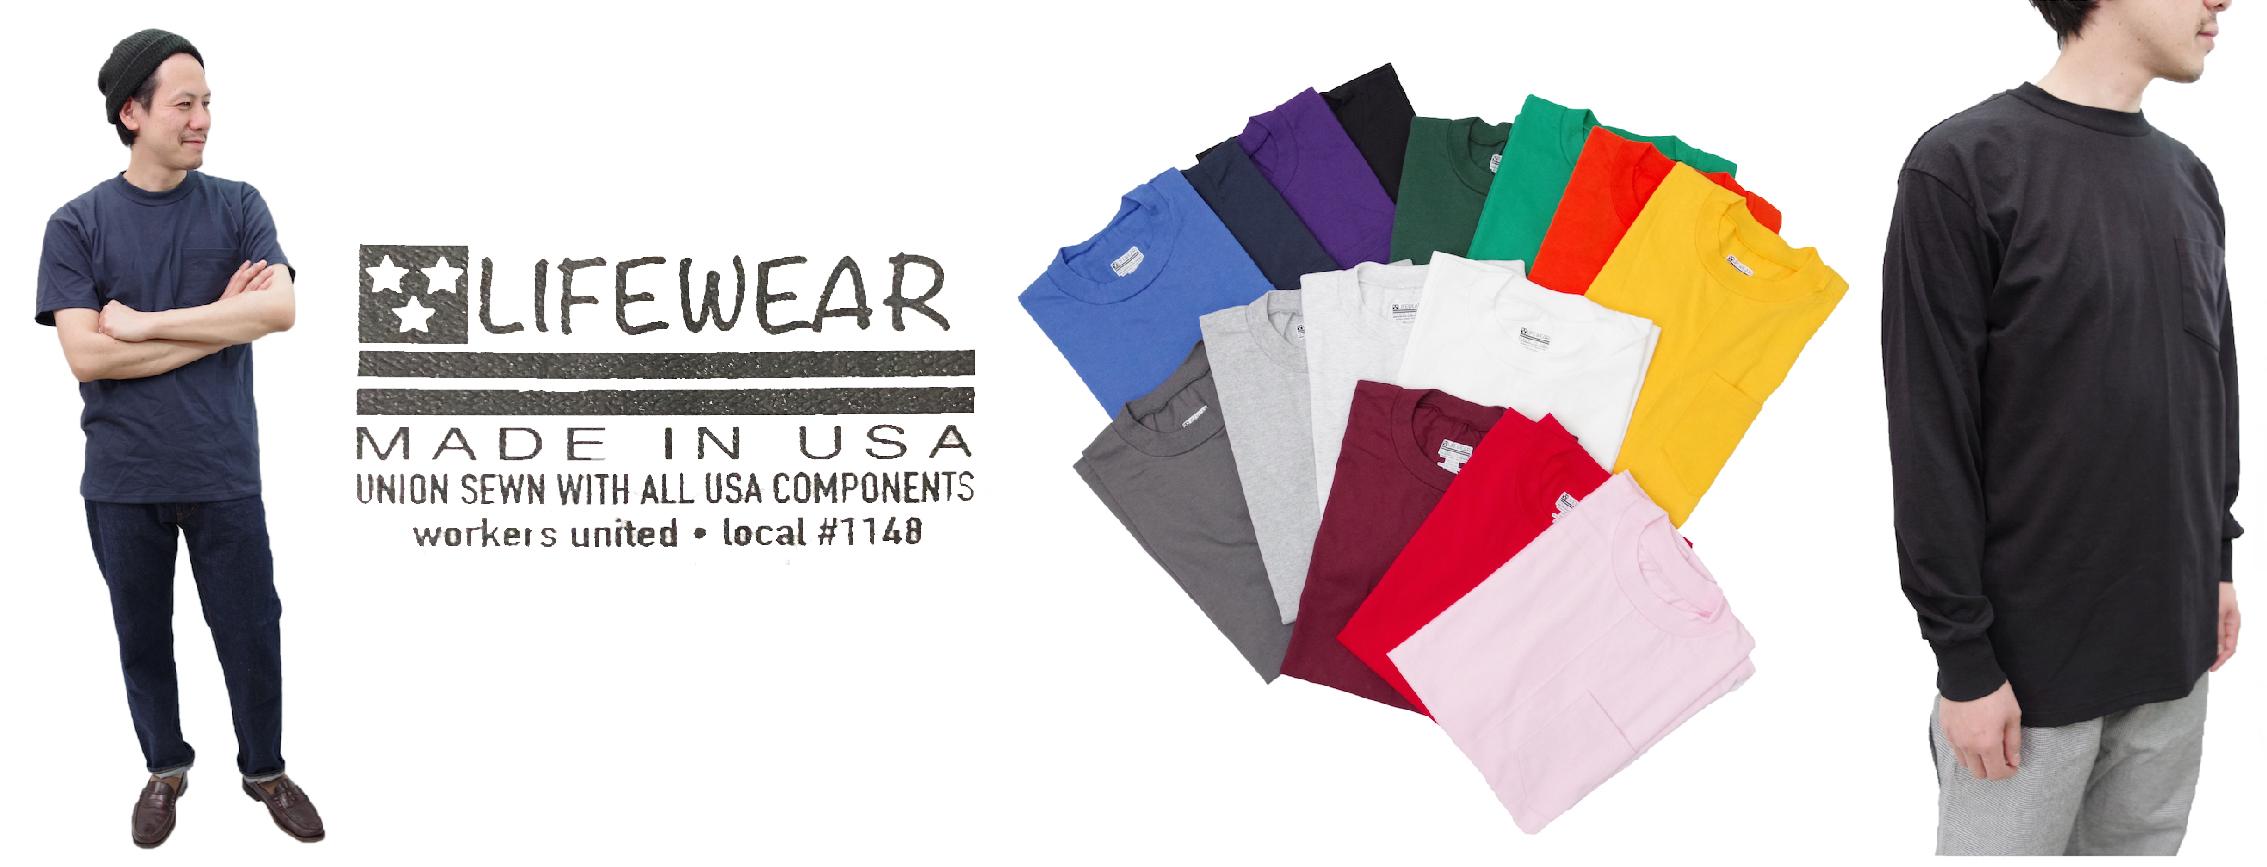 LIFEWEAR USA Tシャツ ロンT タートルネック ライフウェア アメリカ製 カットソー